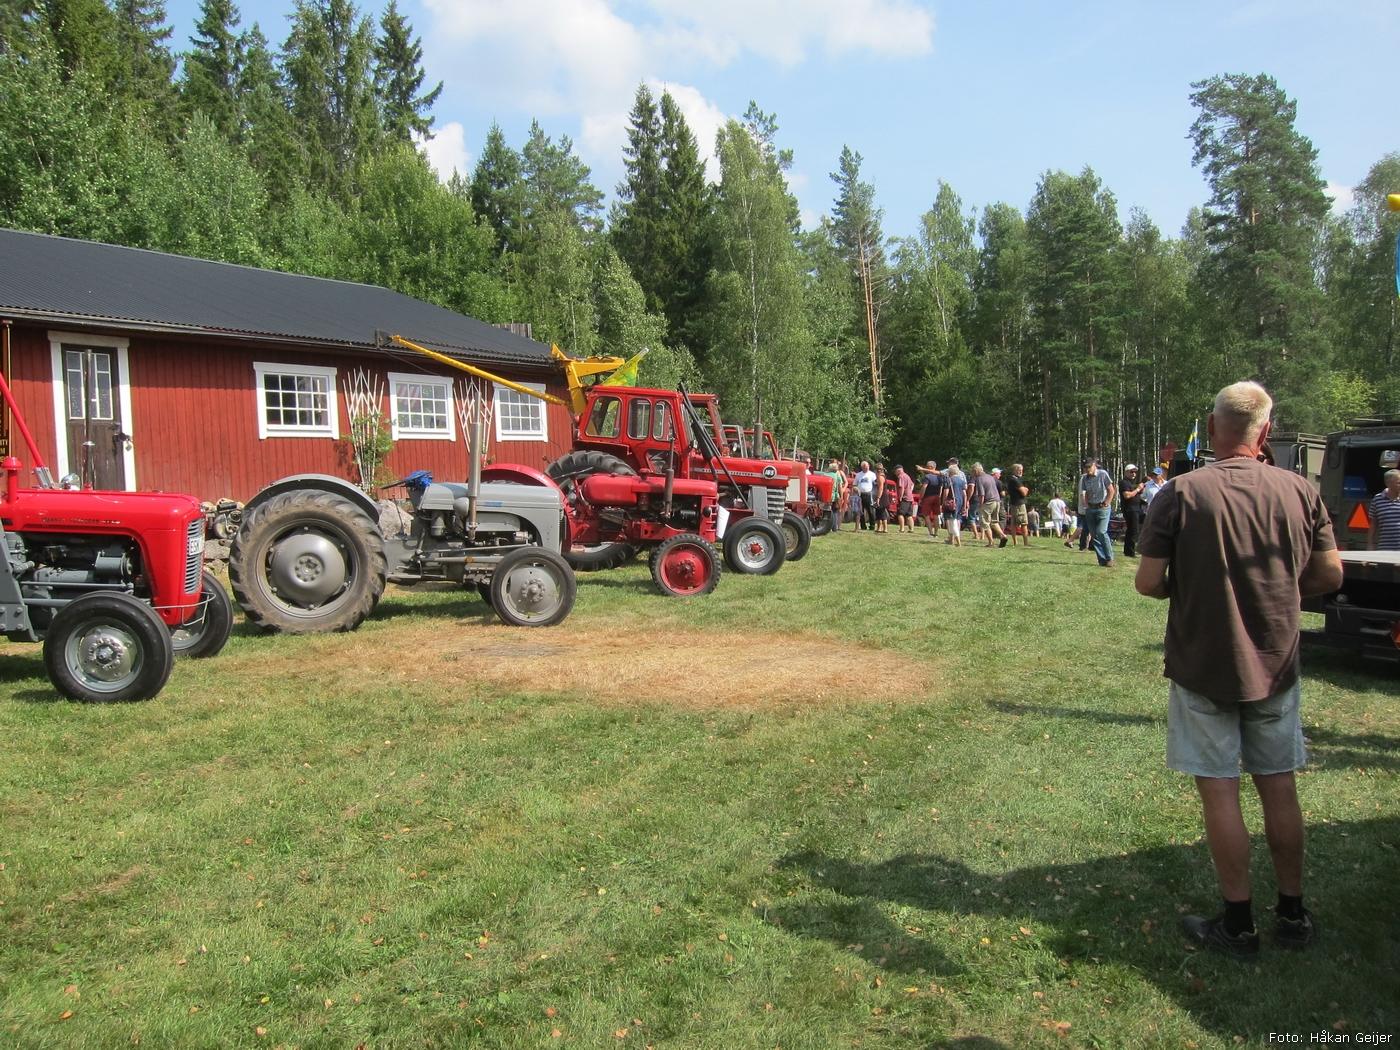 2014-08-02_13_traktorresa